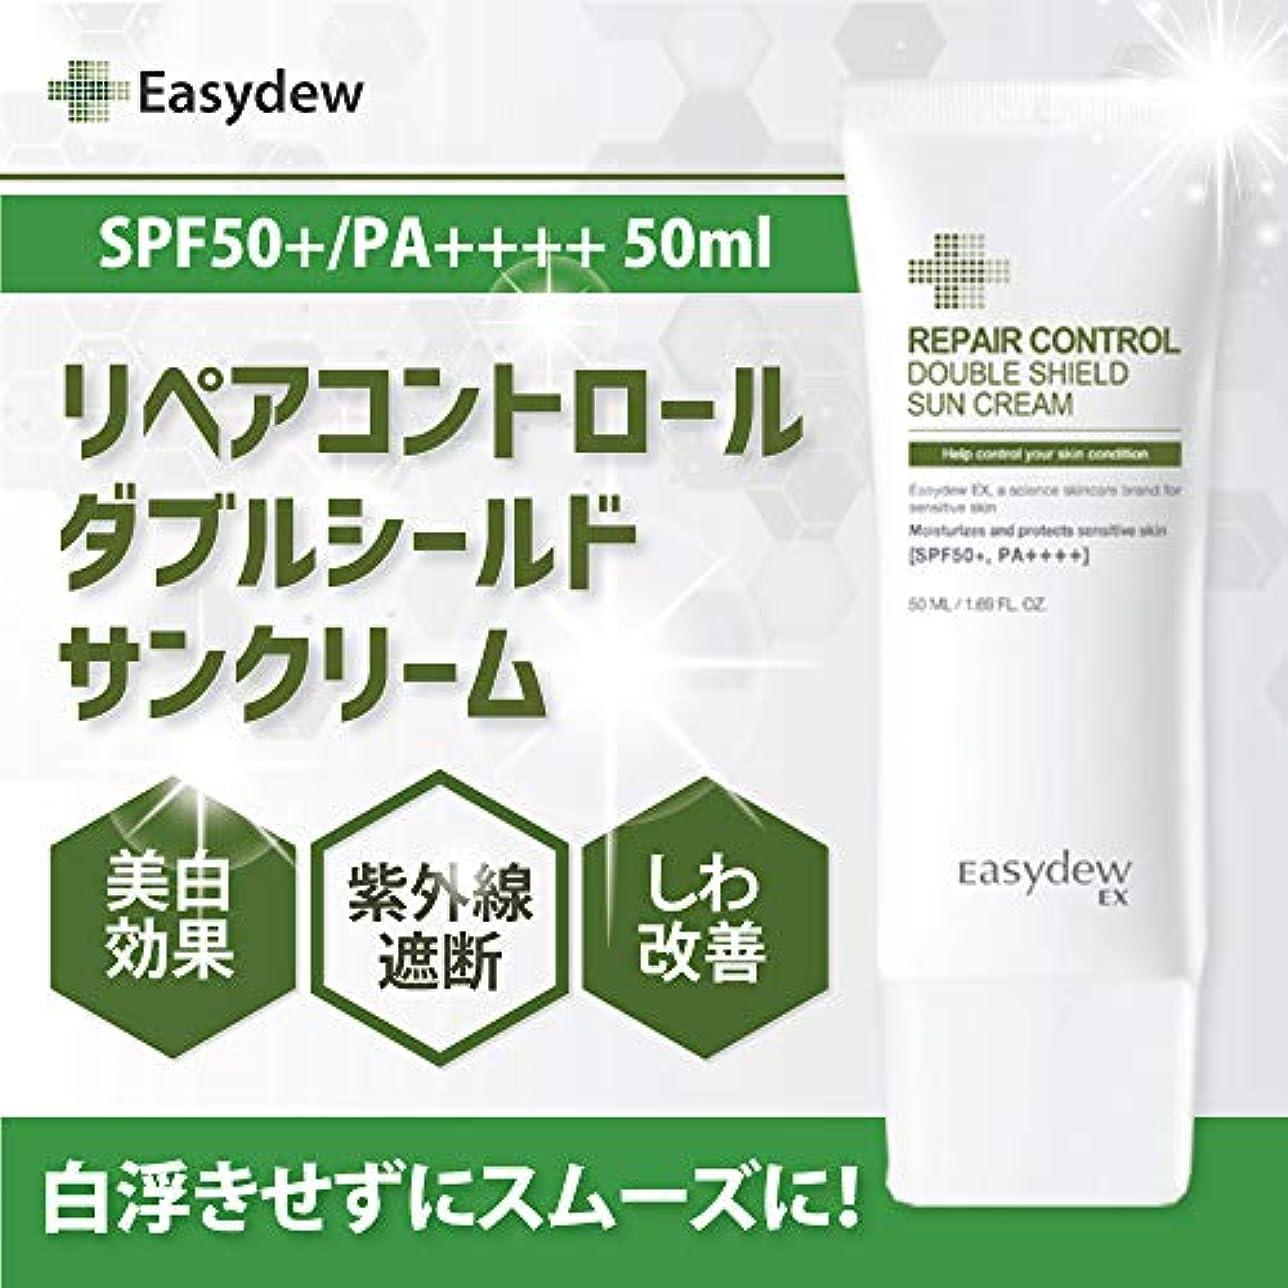 彼自身デマンド過ちデウン製薬 リペア コントロール ダブル シールド サン?クリーム SPF50+/PA++++ 50ml. Repair Control Double Shild Sun Cream SPF50+/PA++++ 50ml.